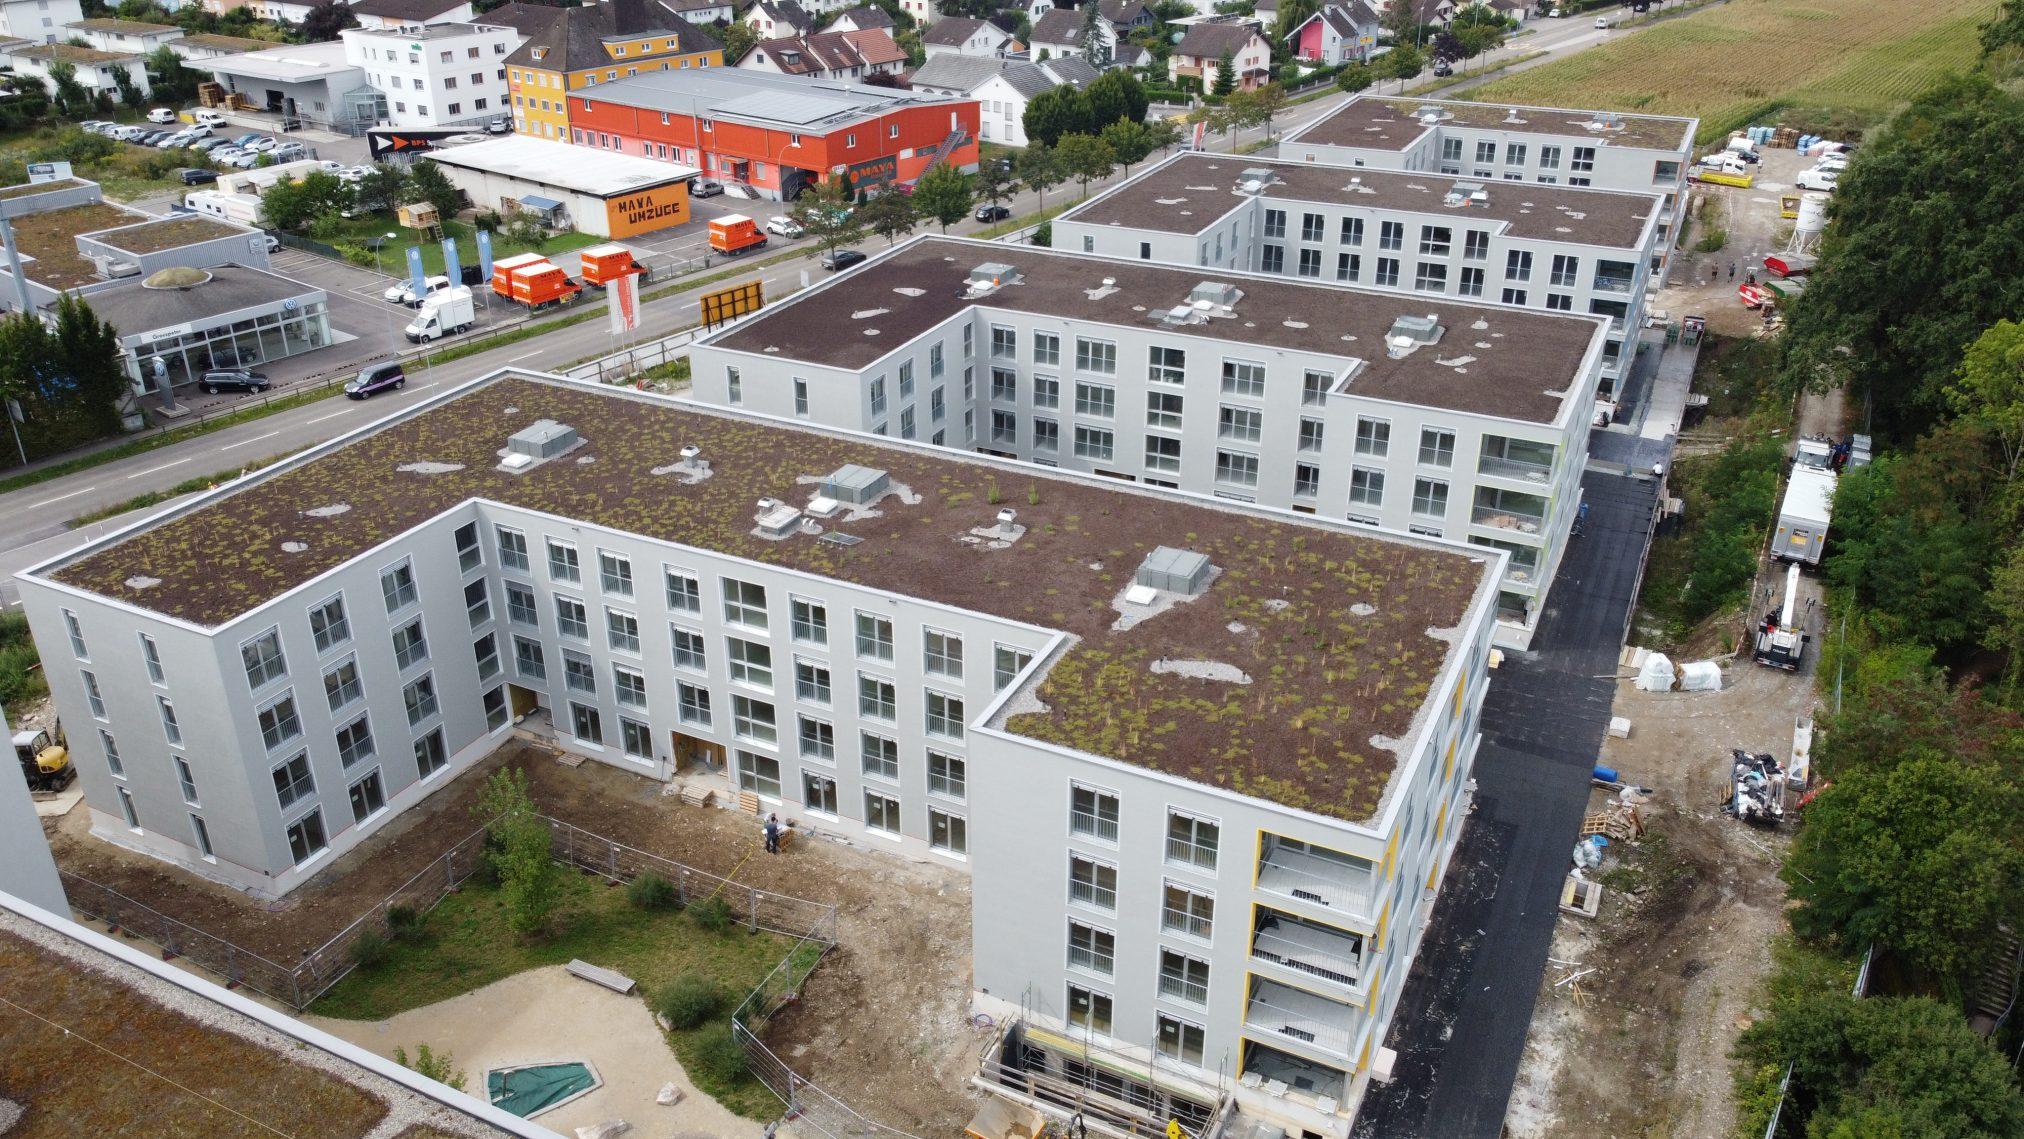 Salmenpark drone 0136